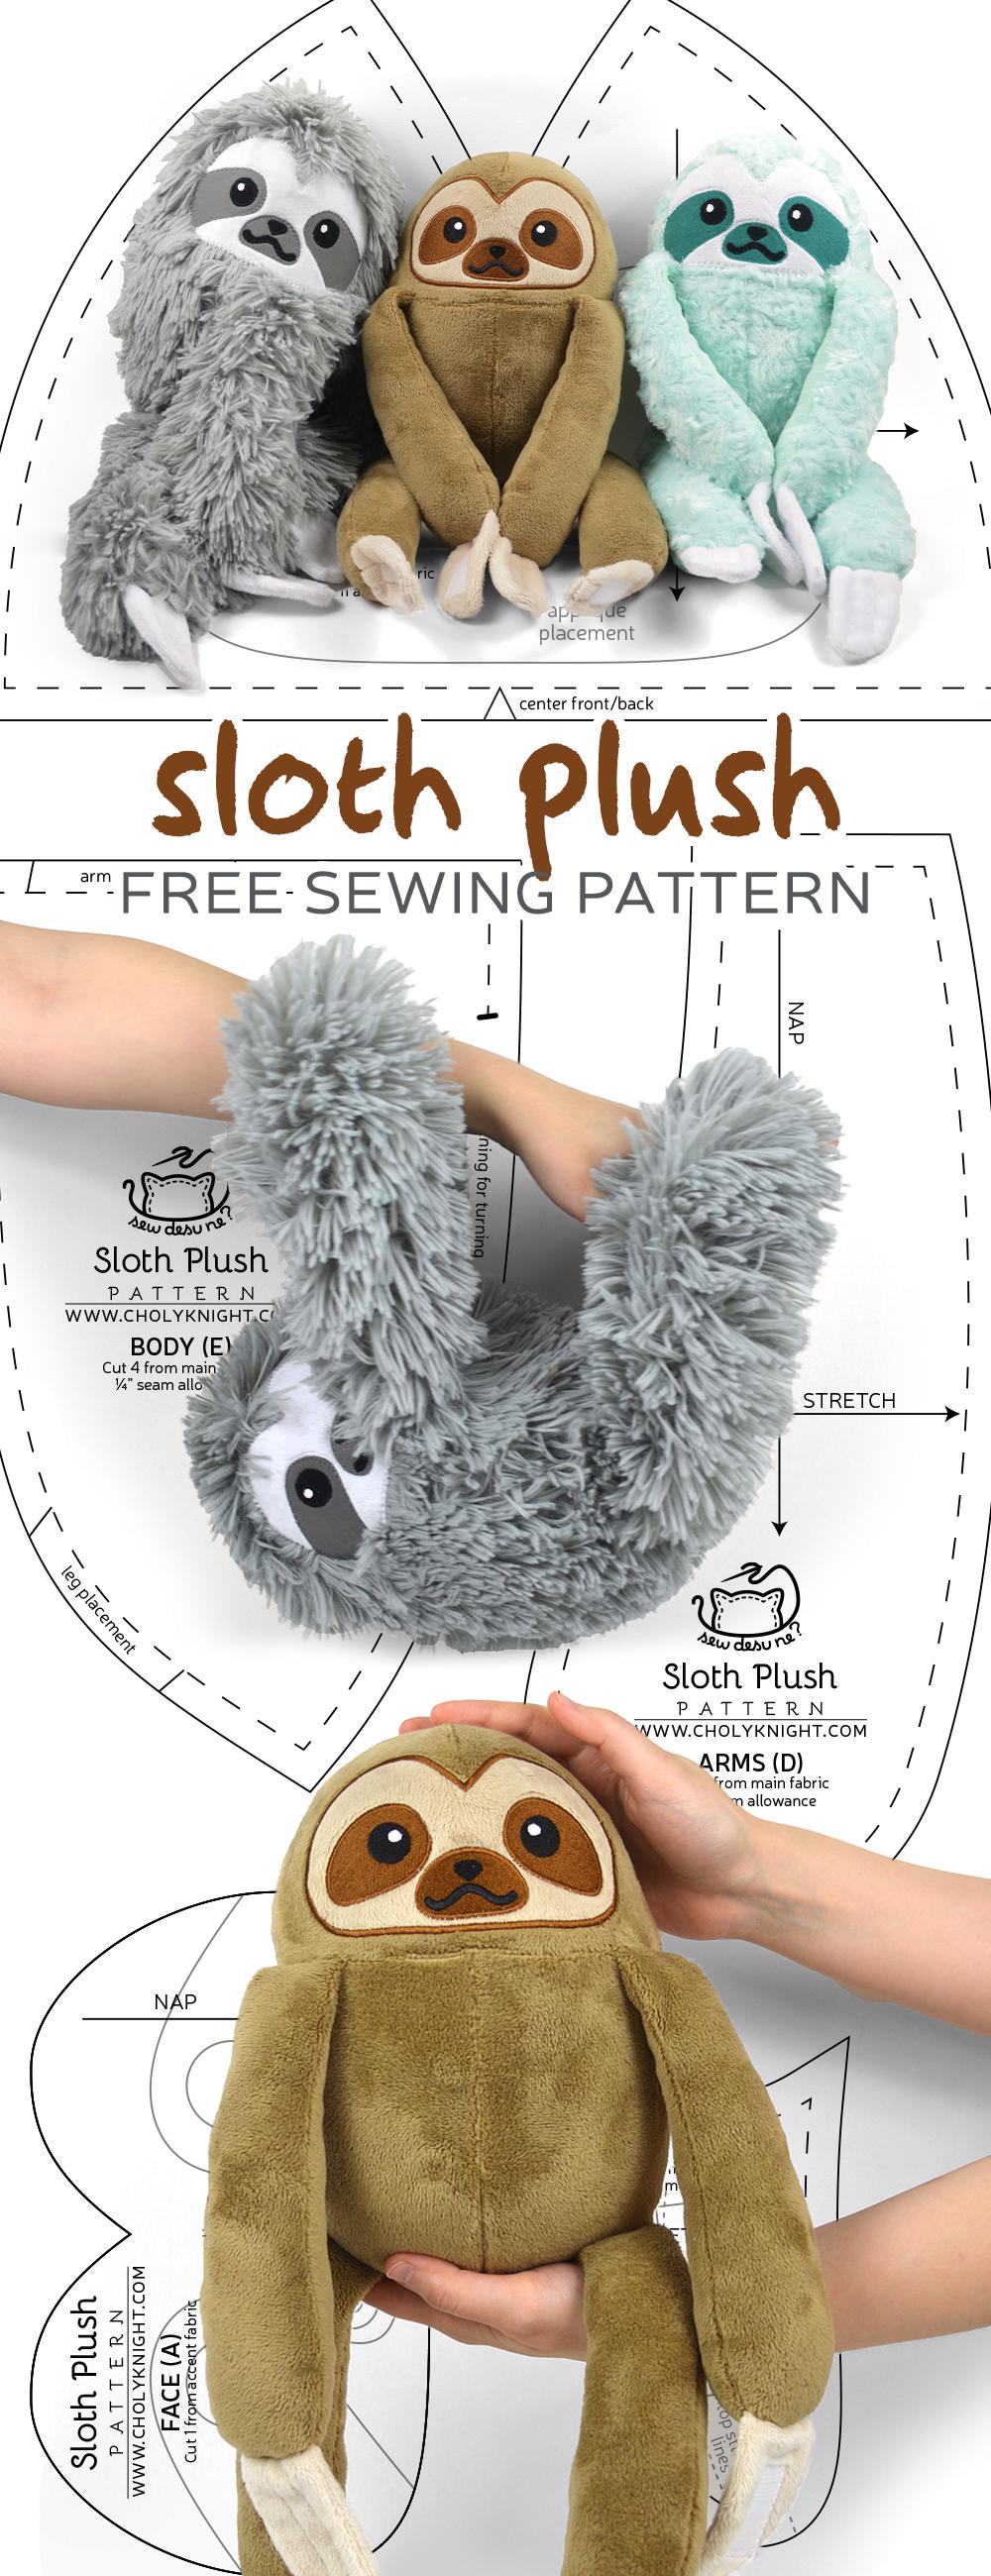 Free Pattern Friday! Sloth Plush   Choly Knight